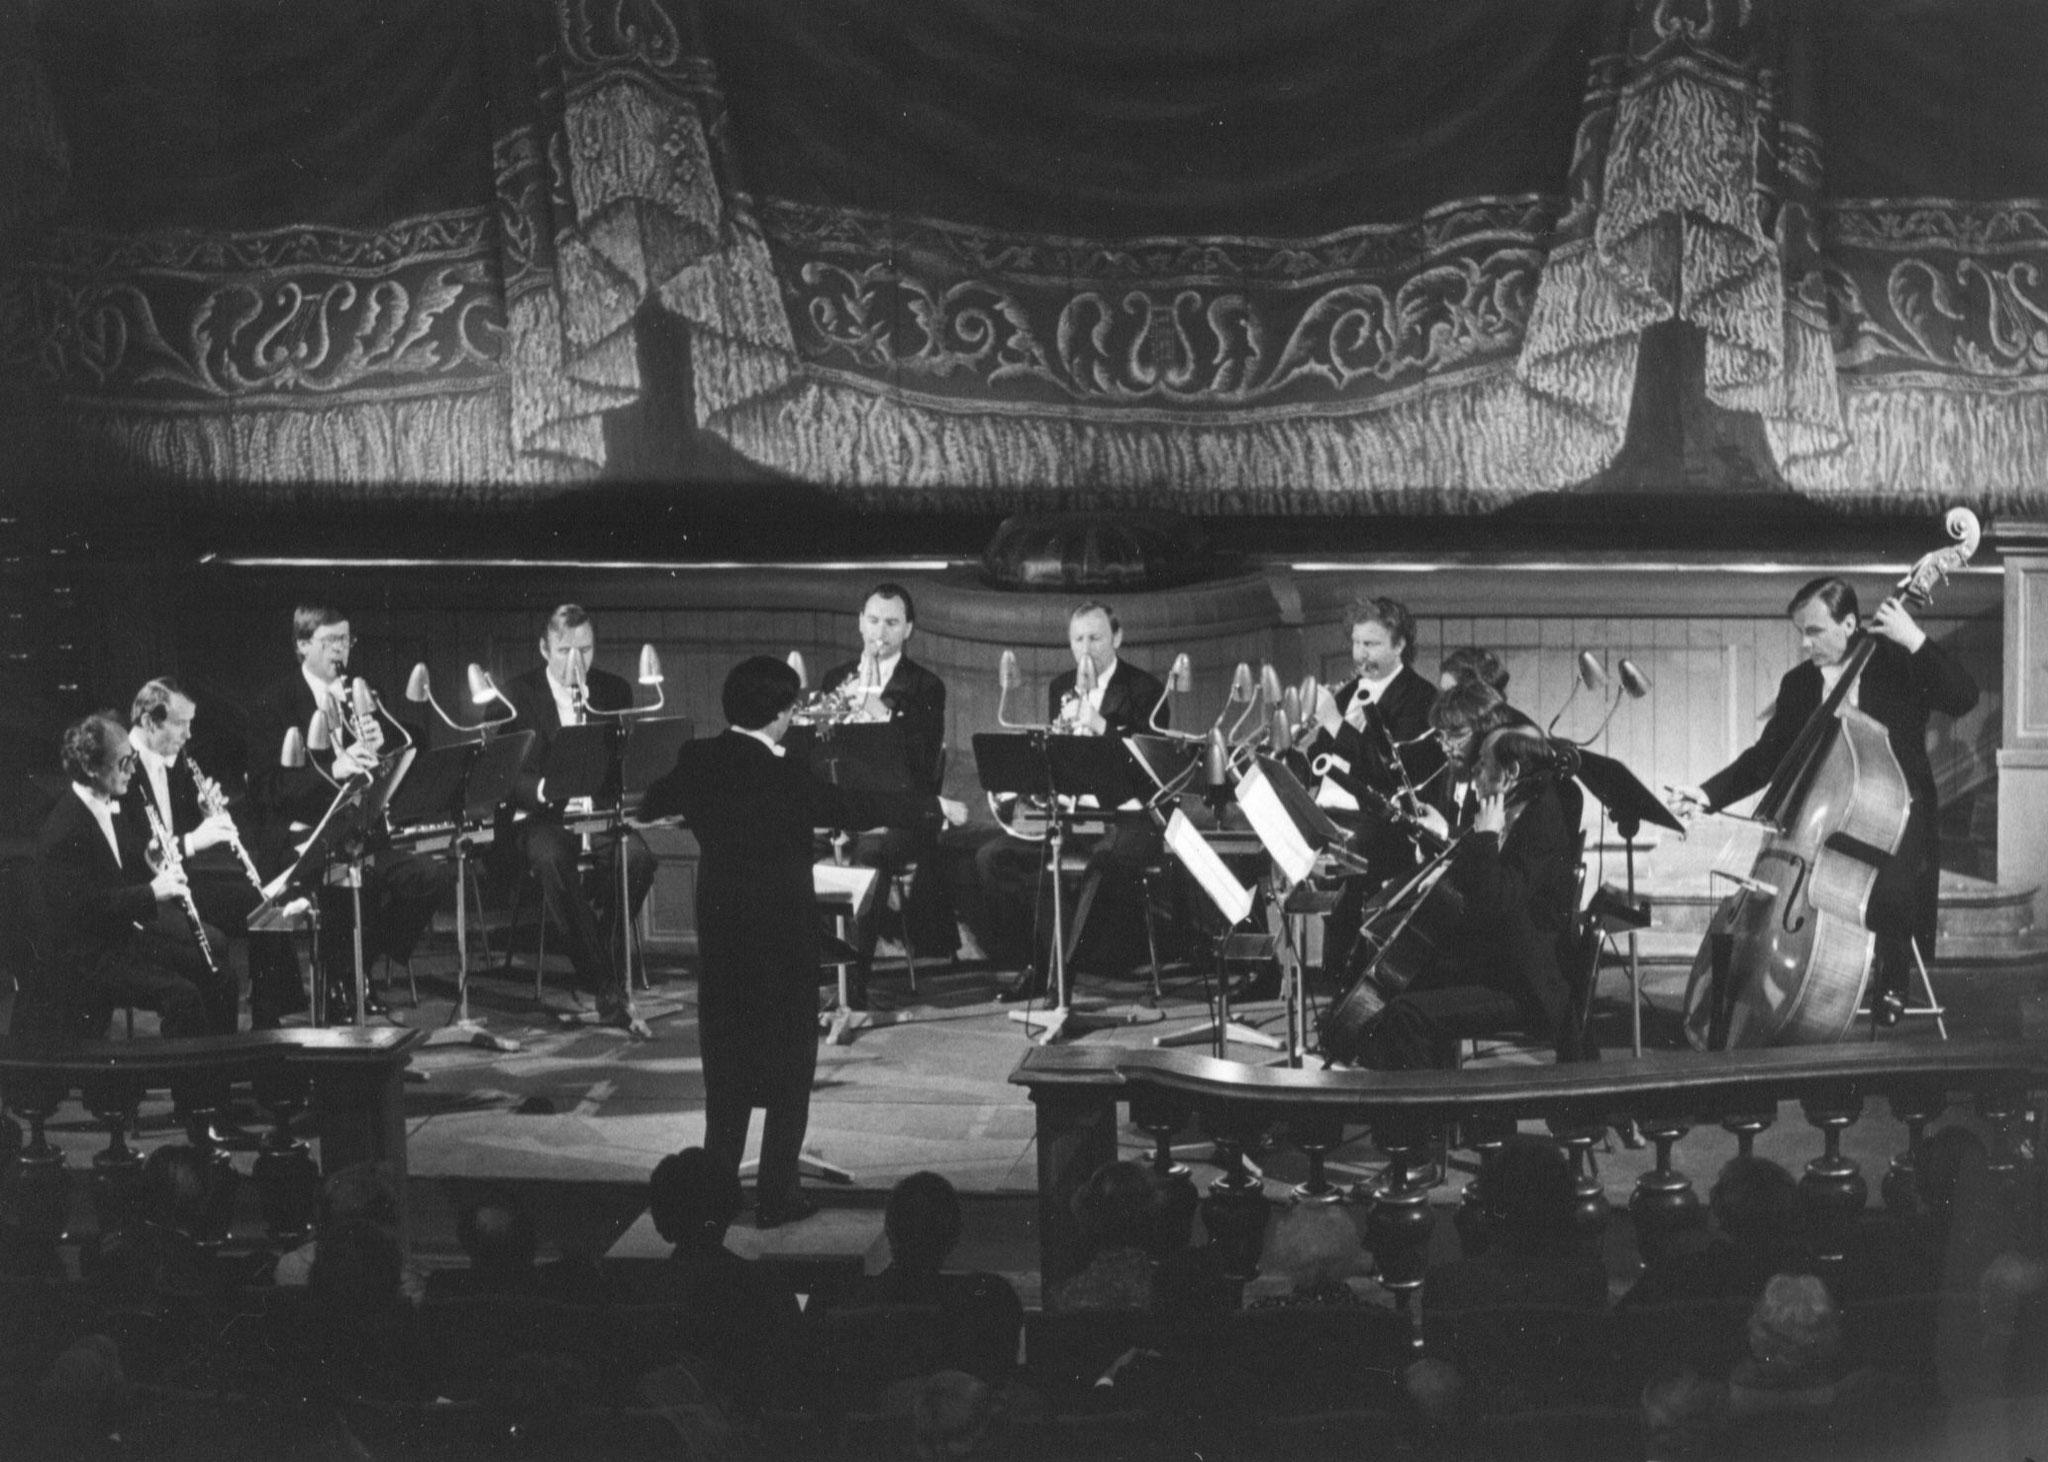 Markgräfliches Opernhaus Bayreuth, 16. Mai 1976:  Anton Dvorak, Bläserserenade d-Moll op. 44, mit der Bläservereinigung der Bamberger Symphoniker unter der Leitung von Gunther Pohl (Mitte)